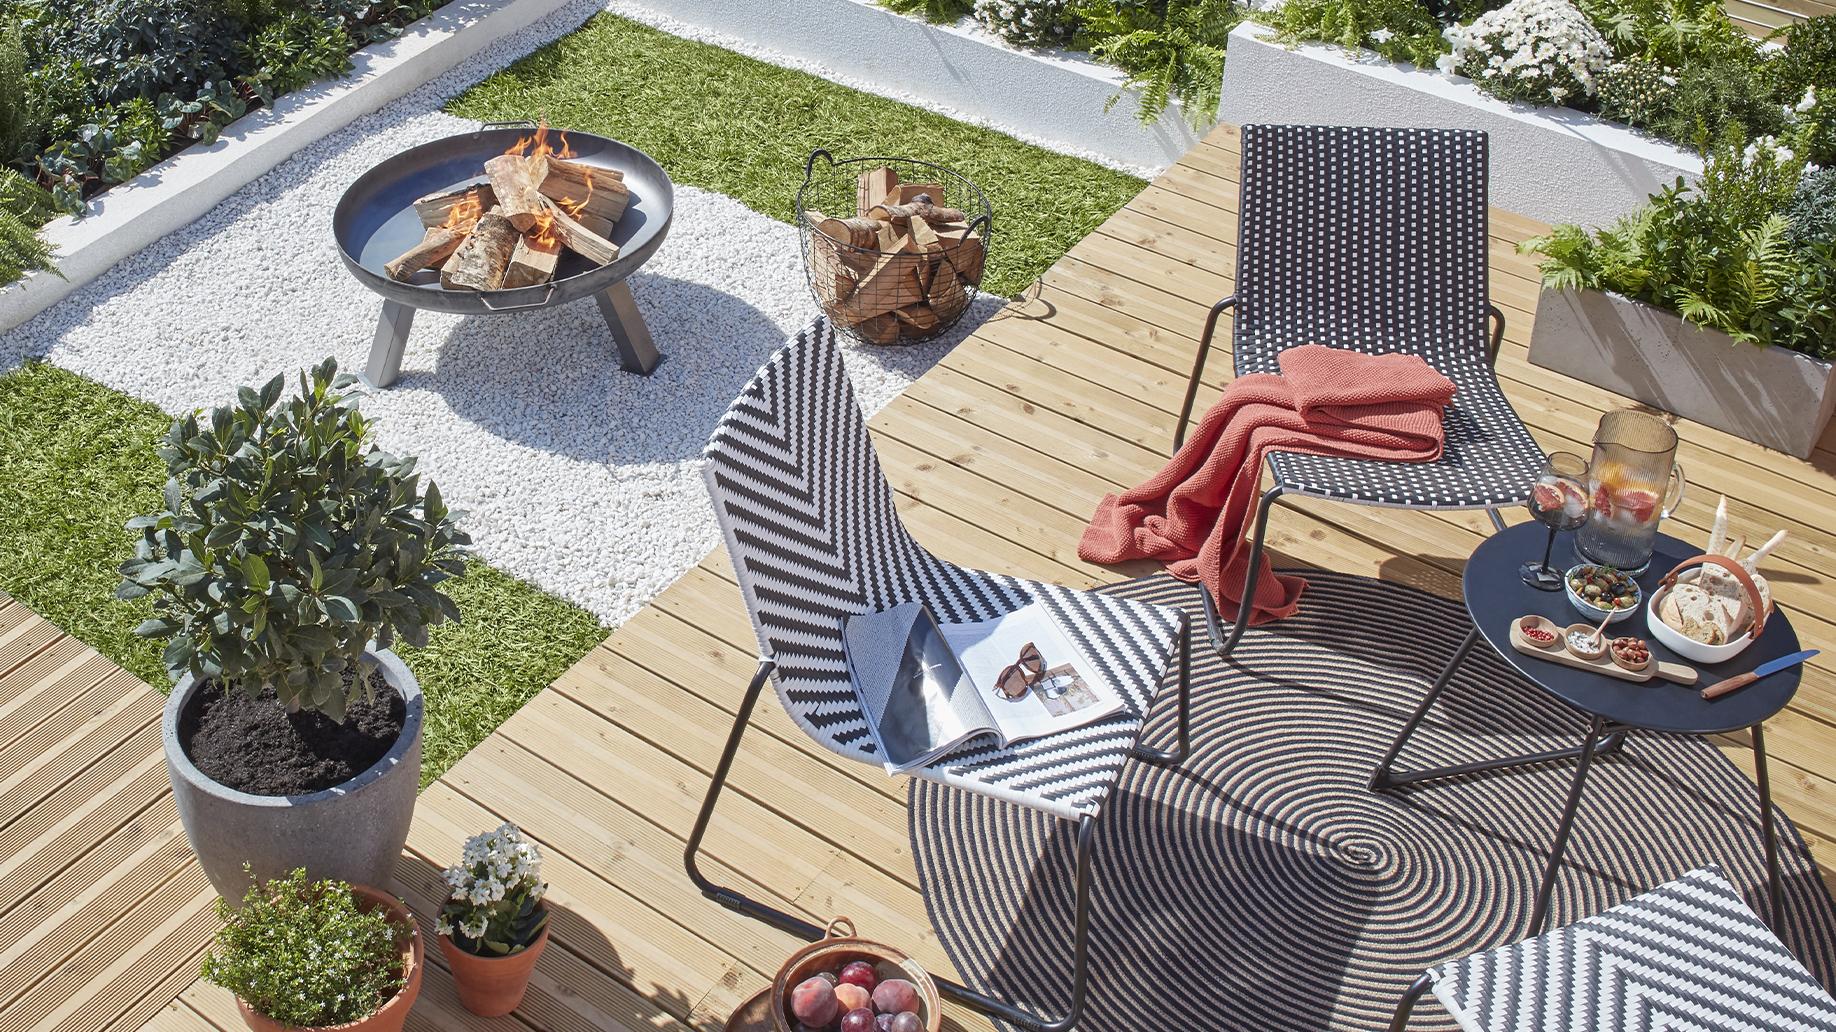 Tipos de suelos para exterior: ¿Cuál es el mejor?